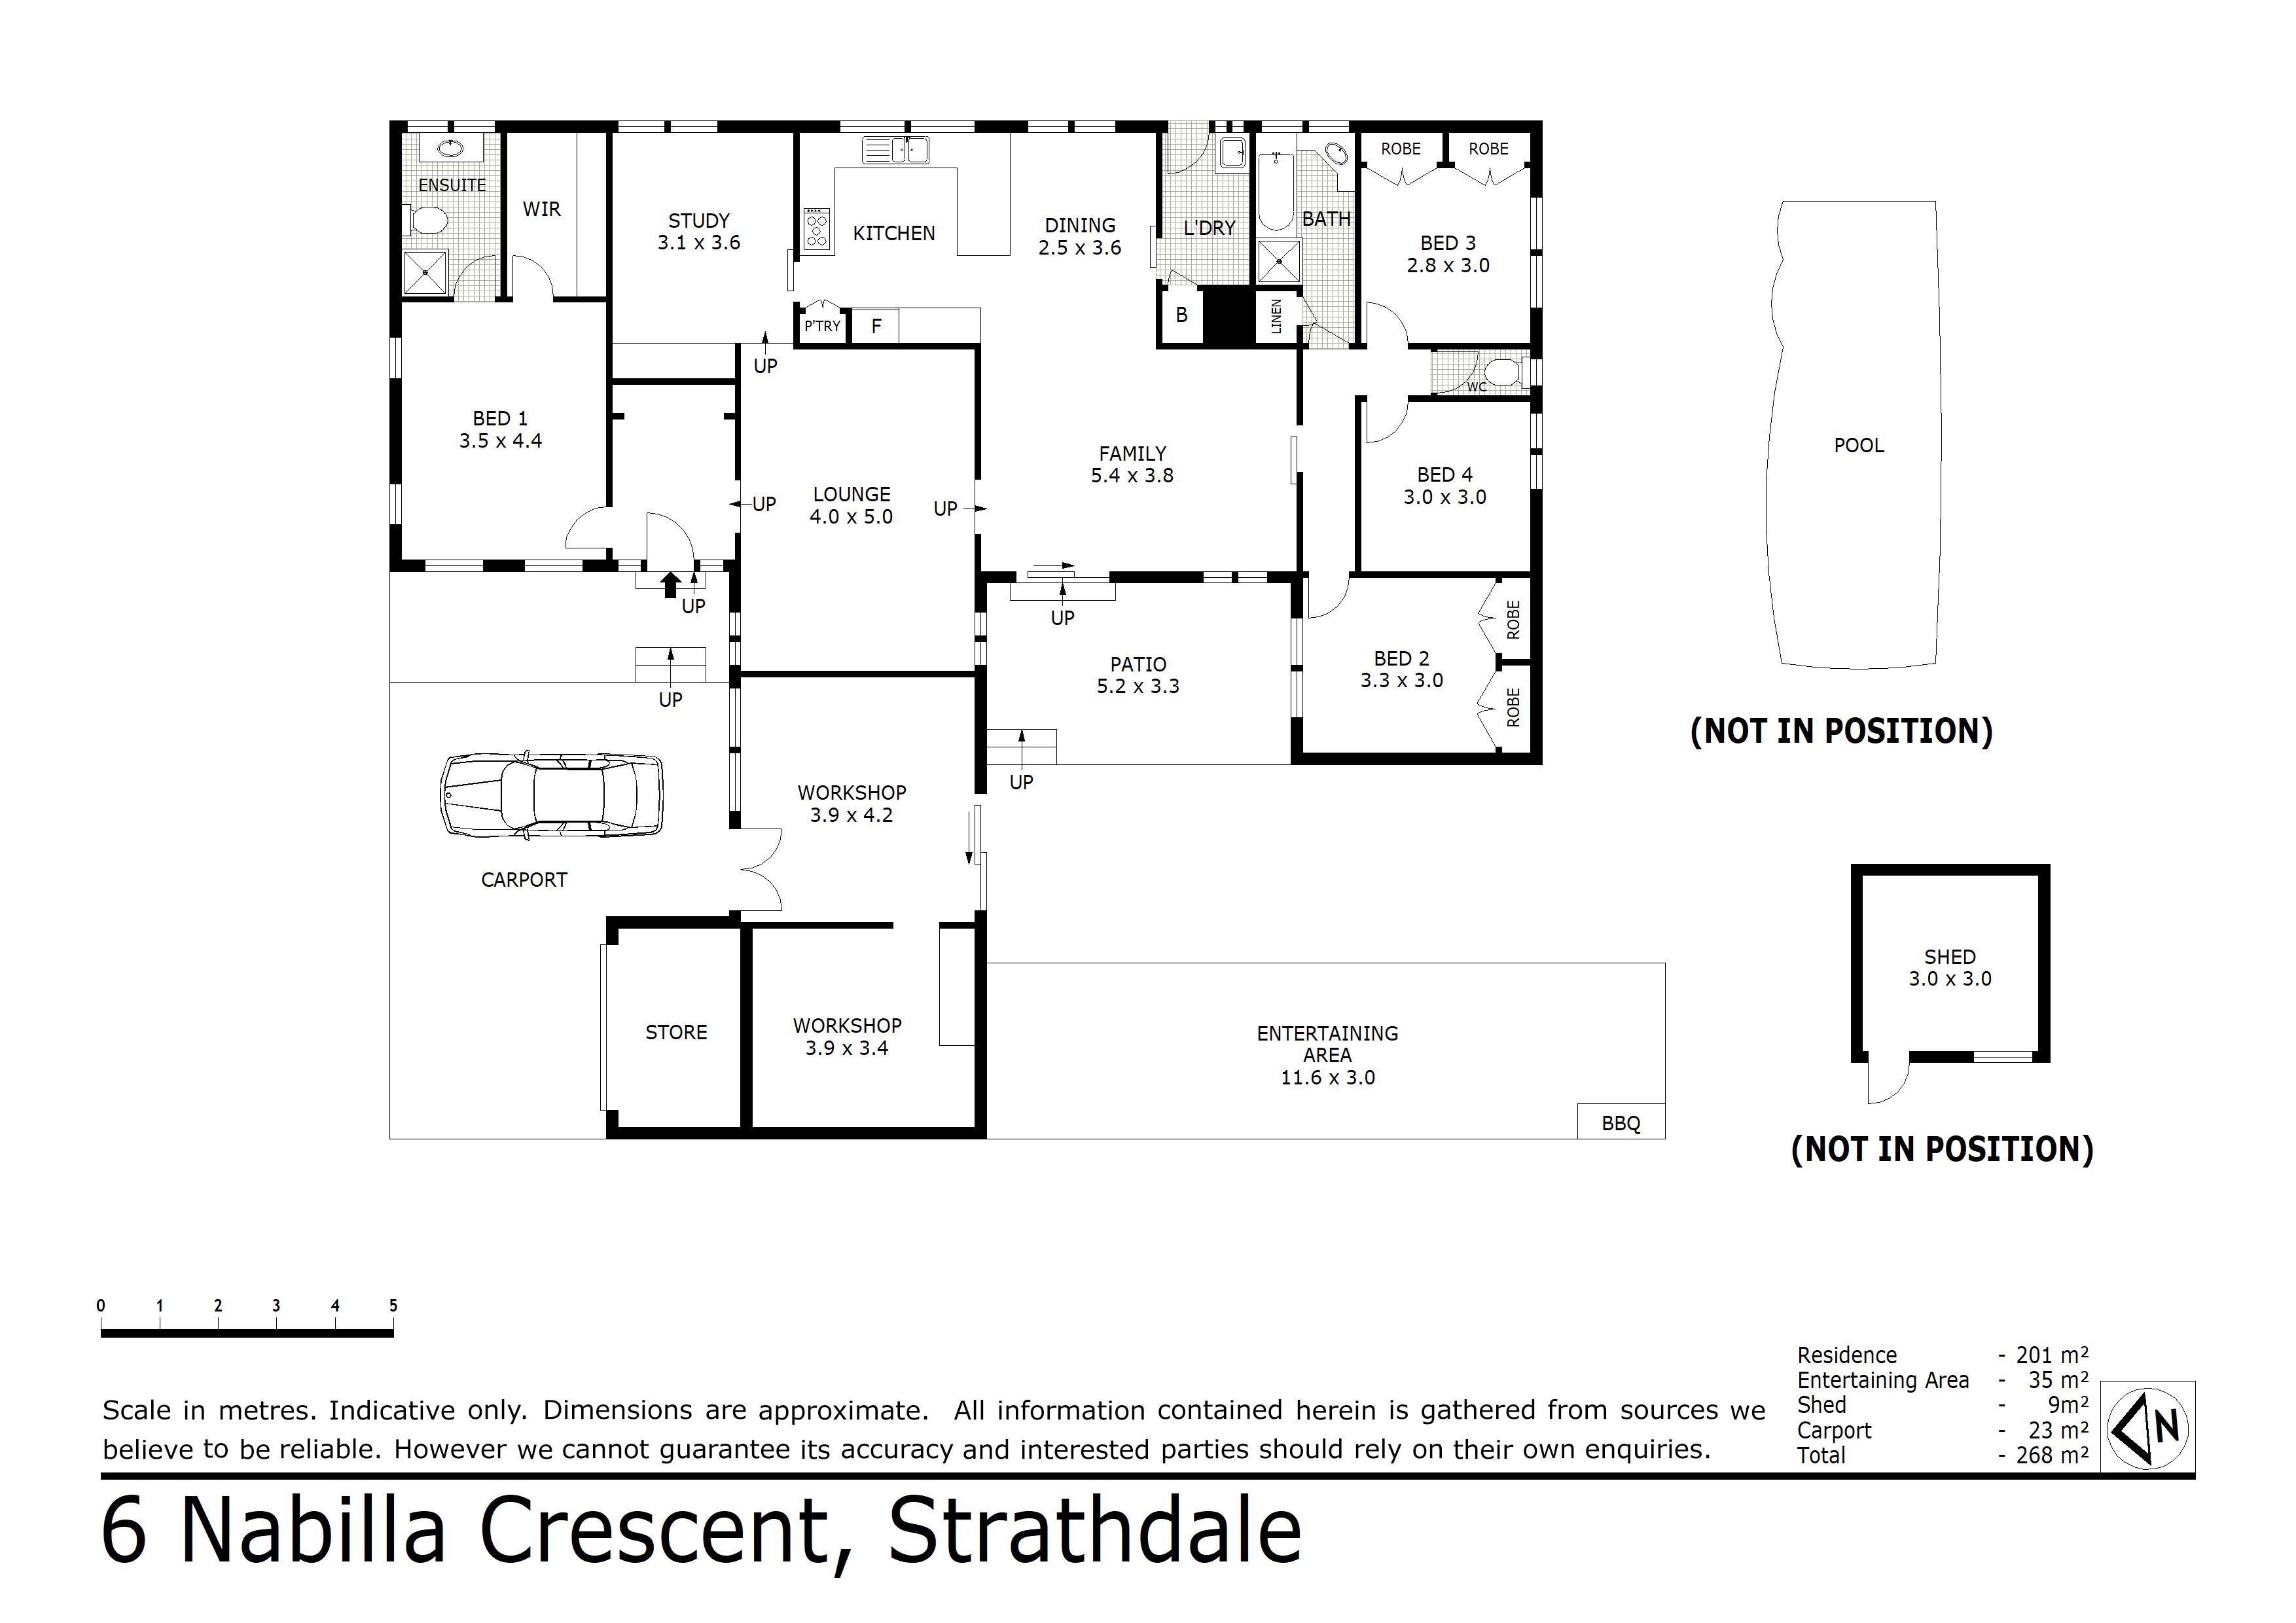 6 Nabilla Crescent, Strathdale, VIC 3550